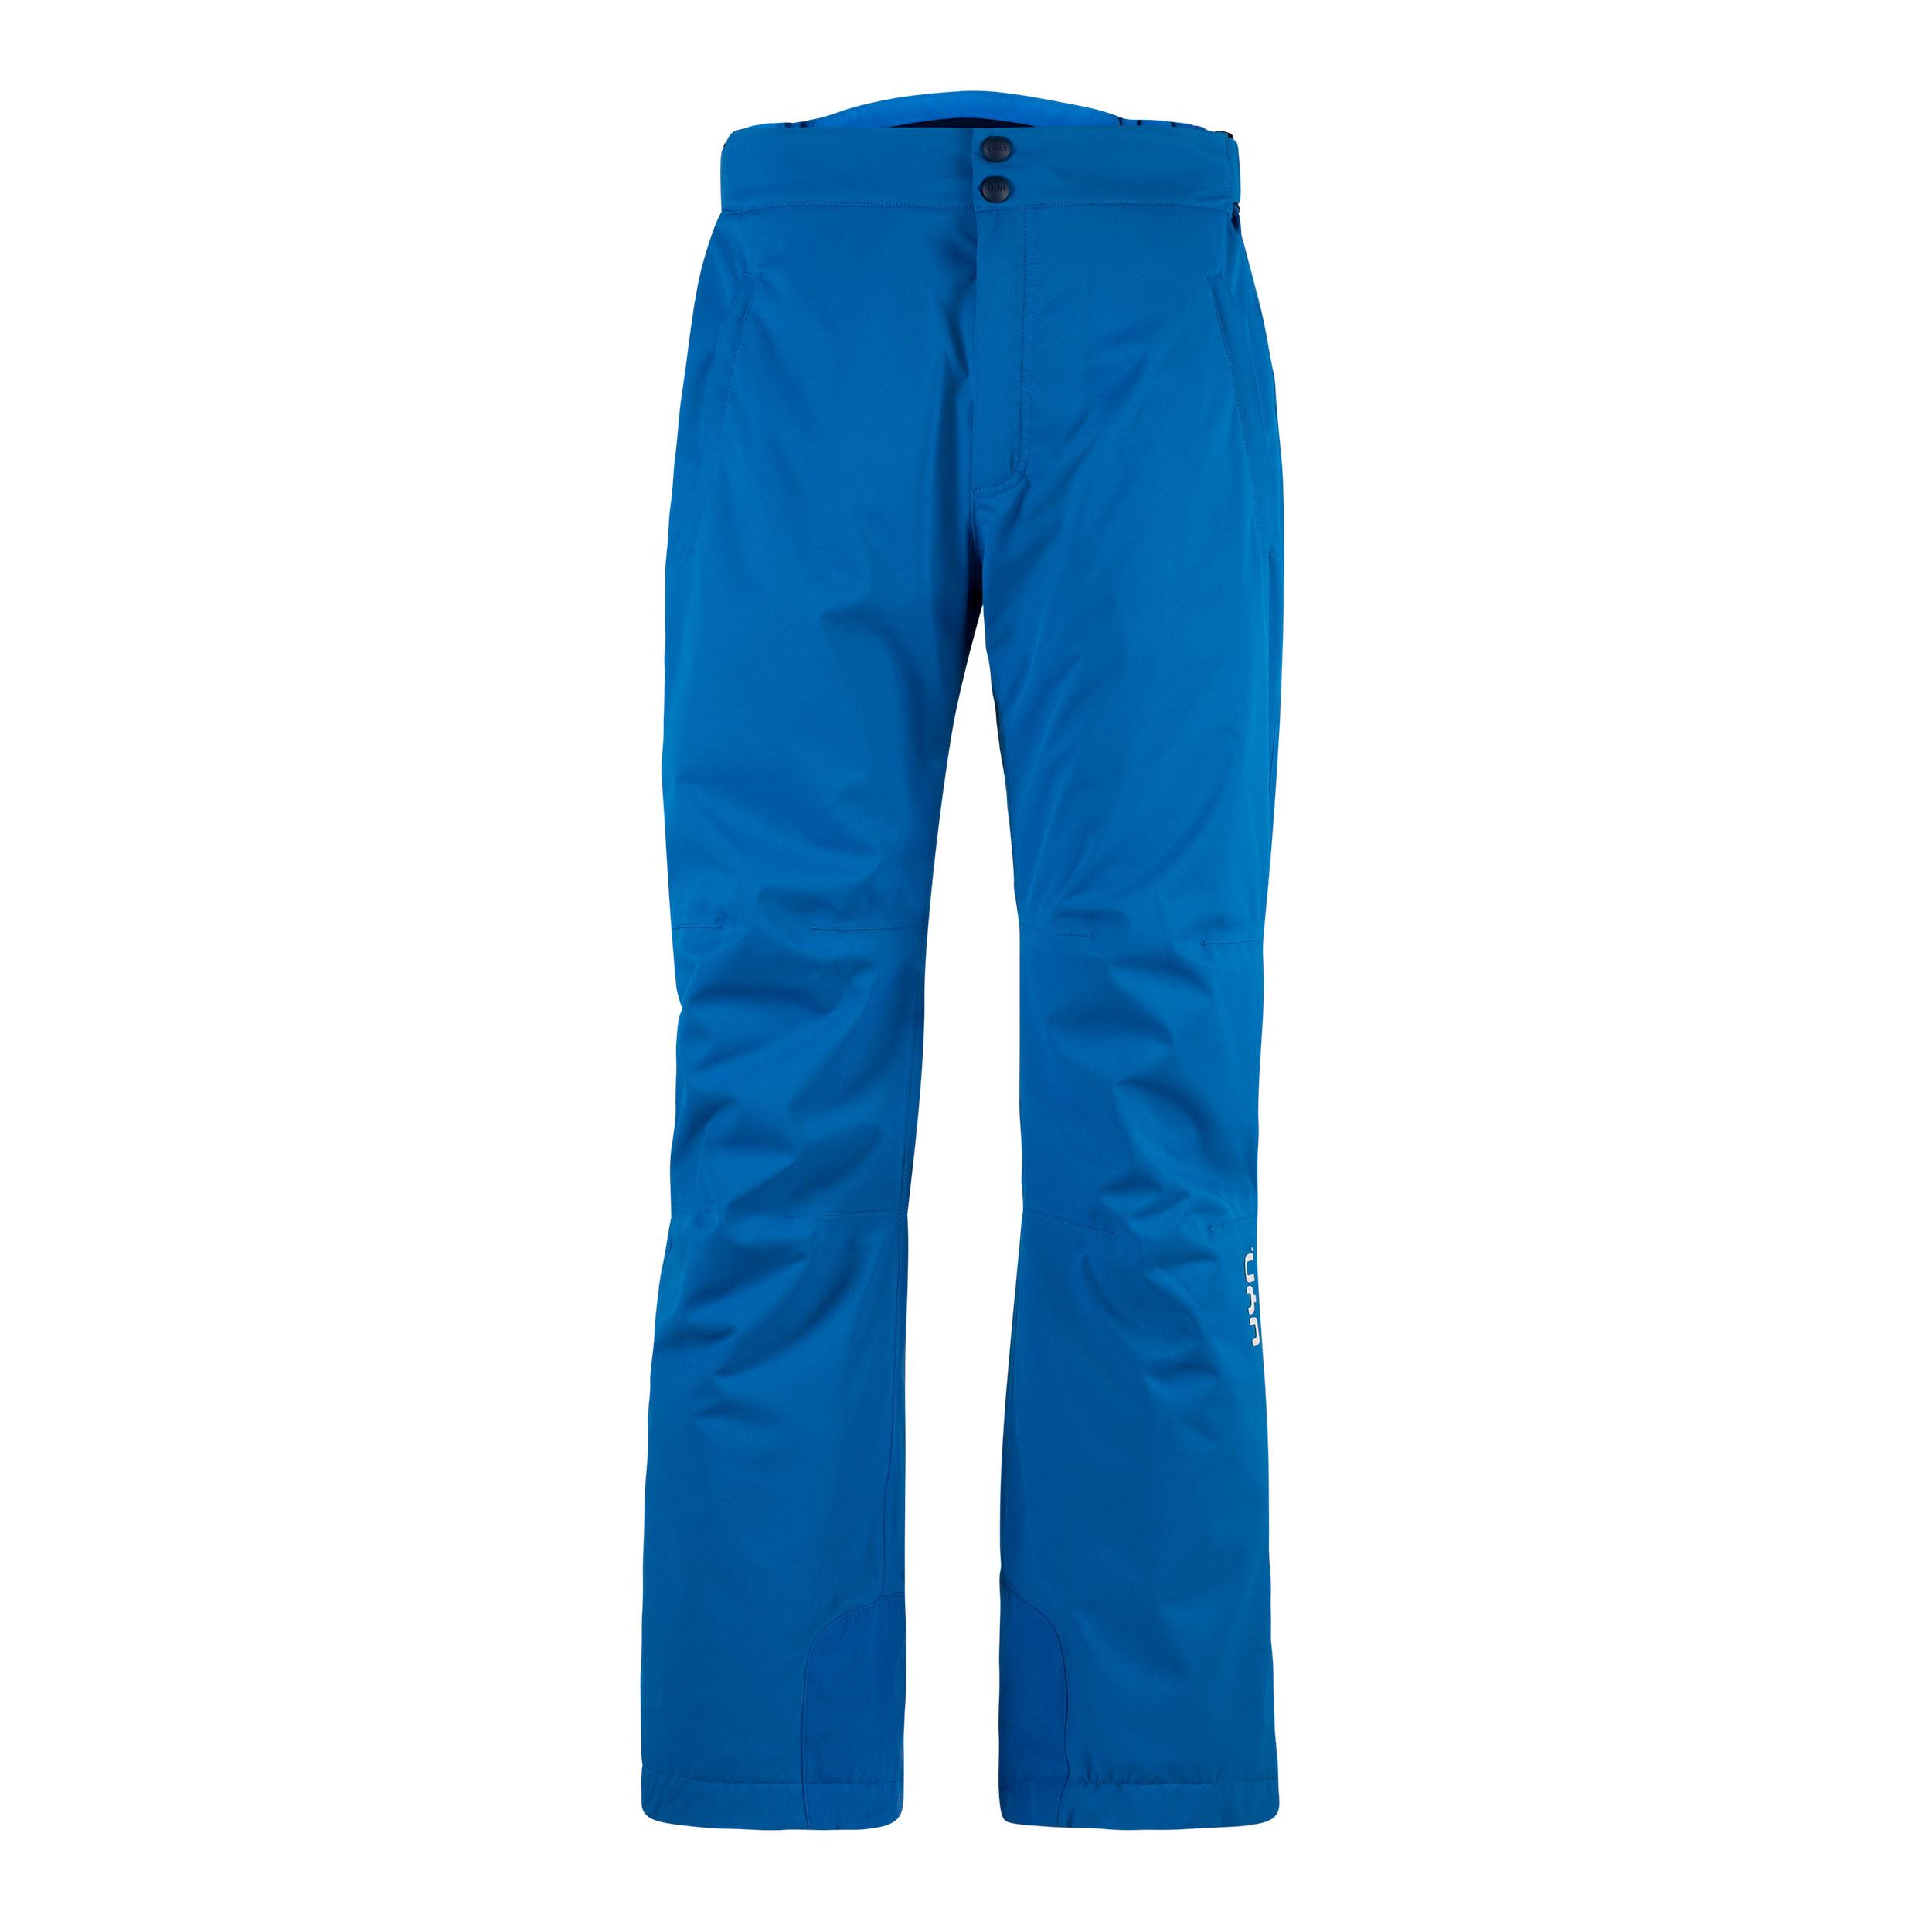 UYN MAN SKYON NATYON PANTS LONG - Snorkel Blue - M O101795_K257